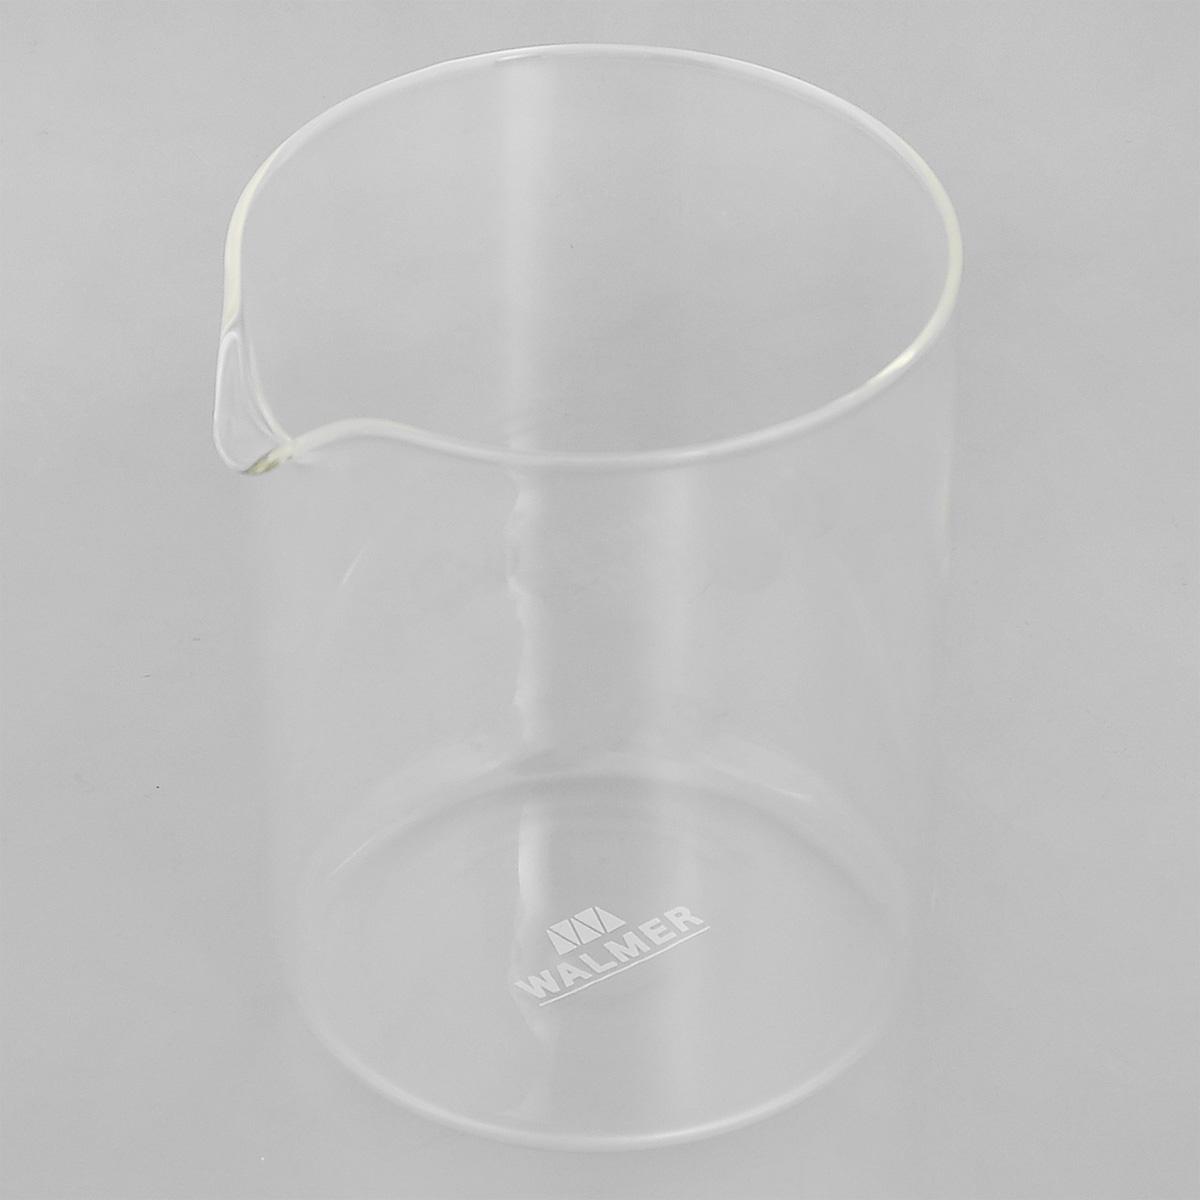 Колба для кофейников Walmer, 500 млW0400105Колба Walmer, изготовленная из высококачественного прозрачного стекла, предназначена для кофейников и френч-прессов. Изделие прекрасно подойдет для замены старой разбитой колбы. Это сосуд, который напрямую контактирует с напитком, поэтому он должен быть выполнен из качественных материалов. Изделие выдерживает высокие температуры и не мутнеет при многократном мытье. Данная колба прослужит вам надежно и долго.Можно мыть в посудомоечной машине.Диаметр: 9,5 см.Высота: 12,5 см.Объем: 500 мл.